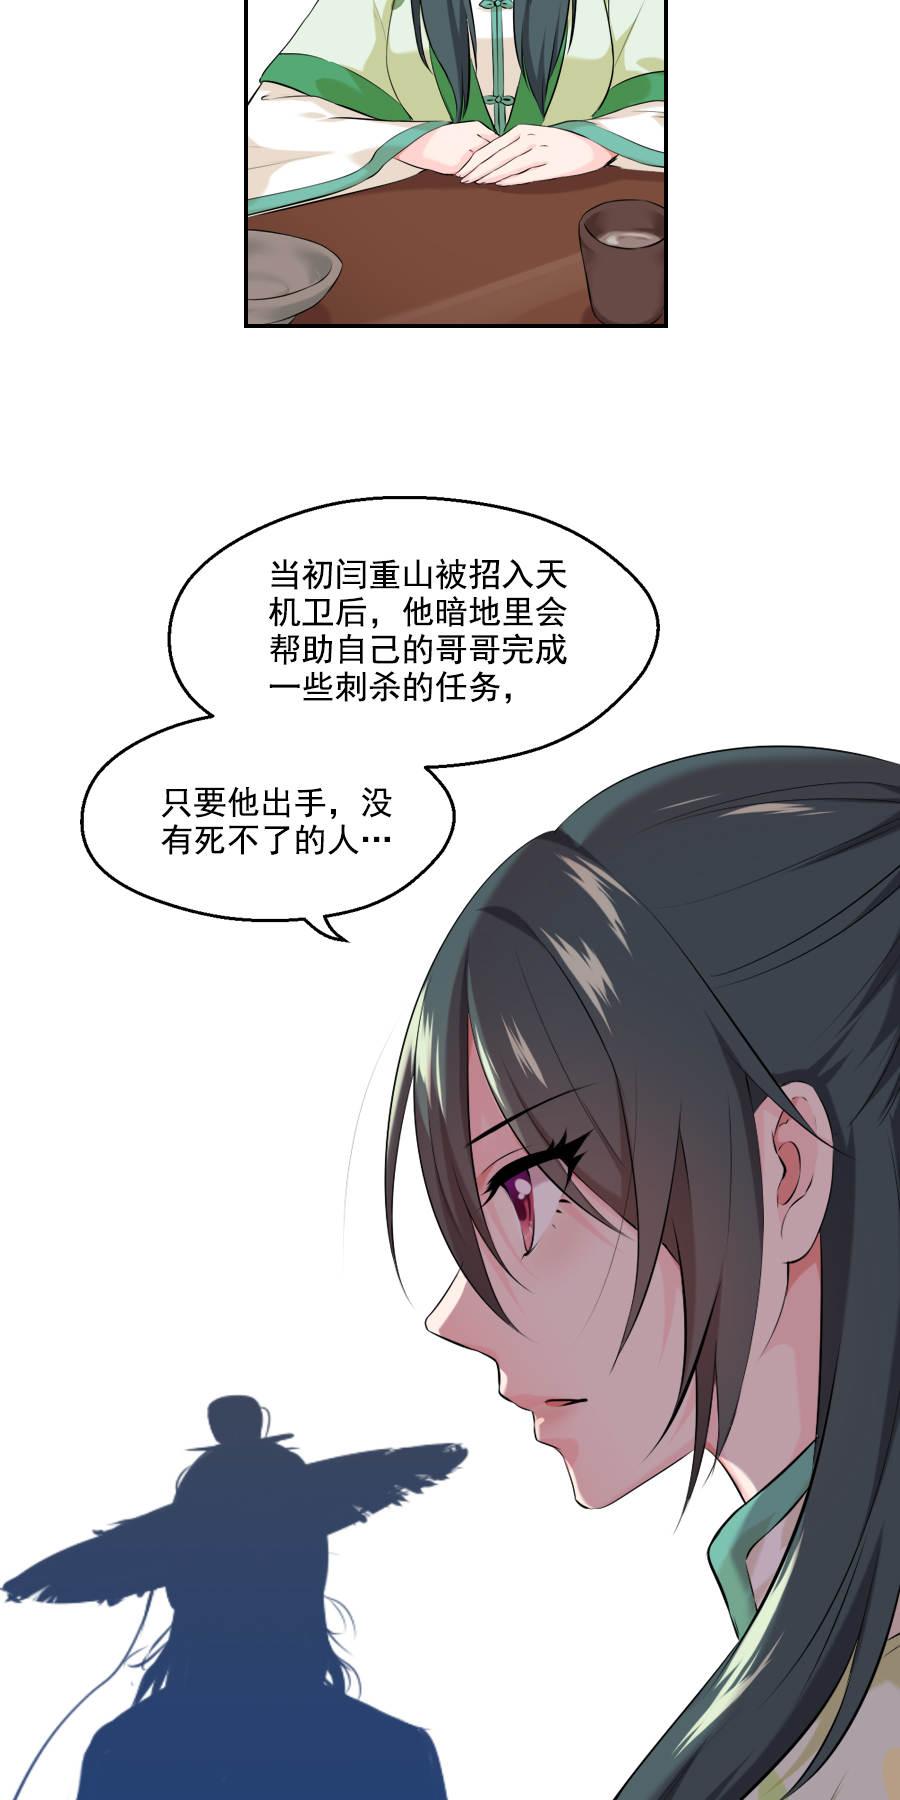 盛世帝王妃第27话  吃蟹蟹  + 时尚教主活动 第 15